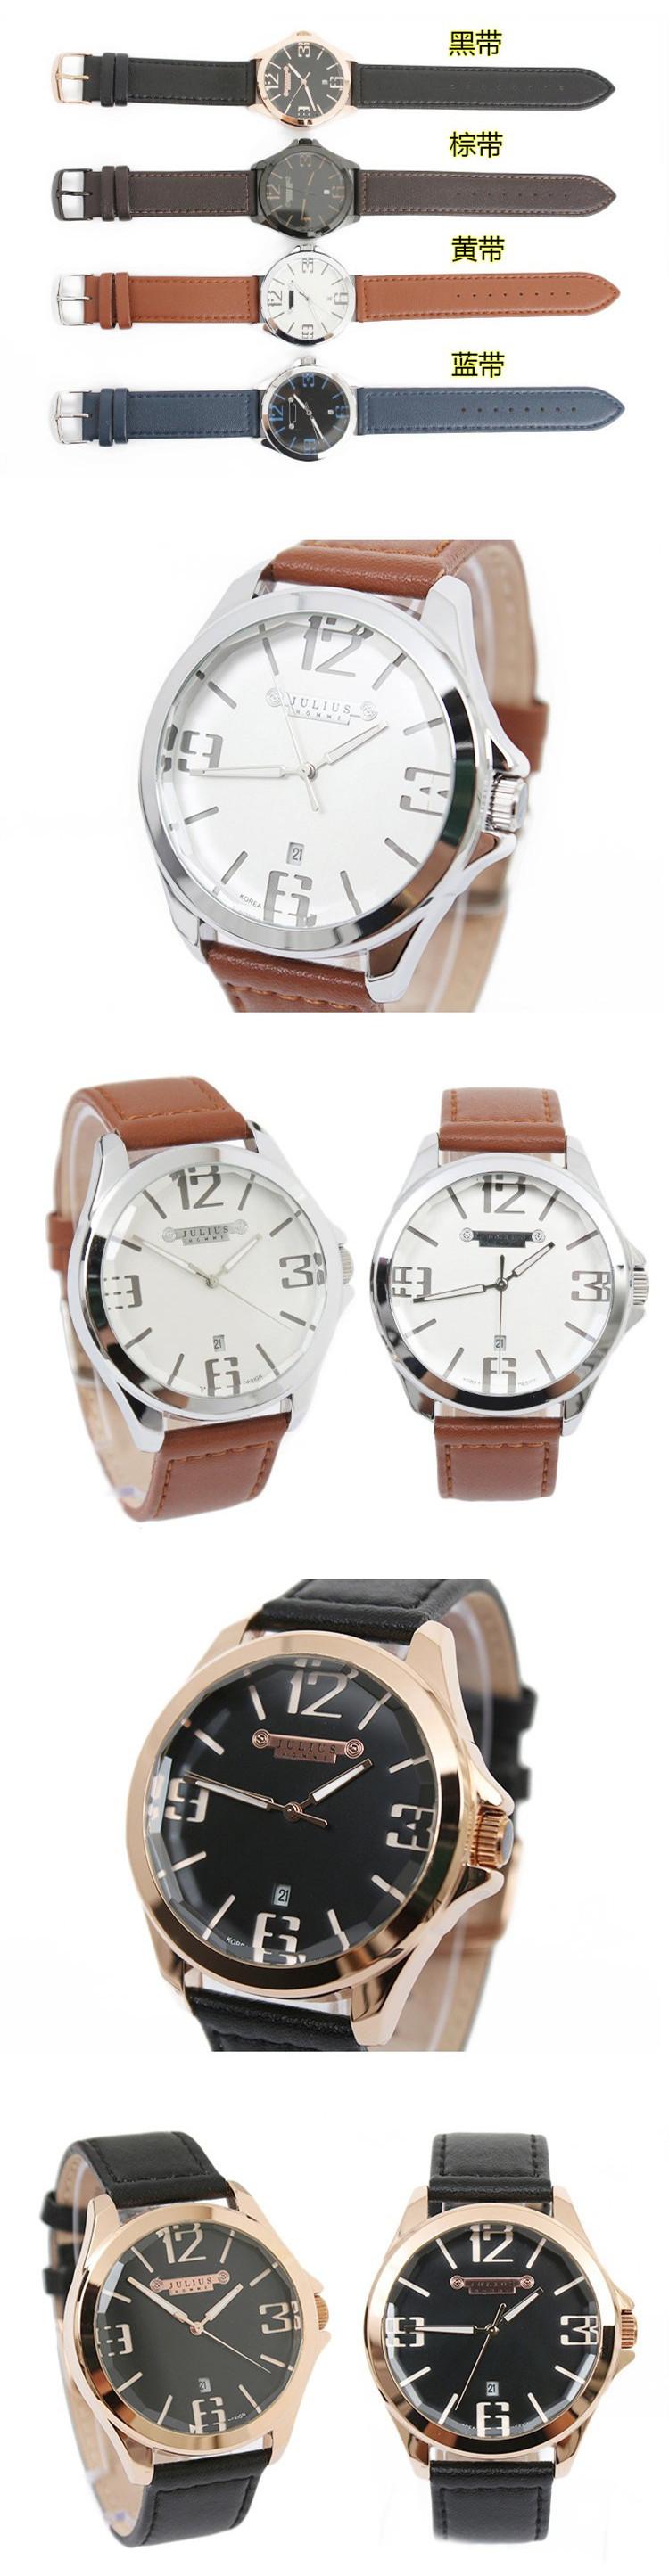 Юлий Homme мужские наручные часы кварцевых часов топ мода ретро платье браслет кожаный именинник рождество валентина подарок 078